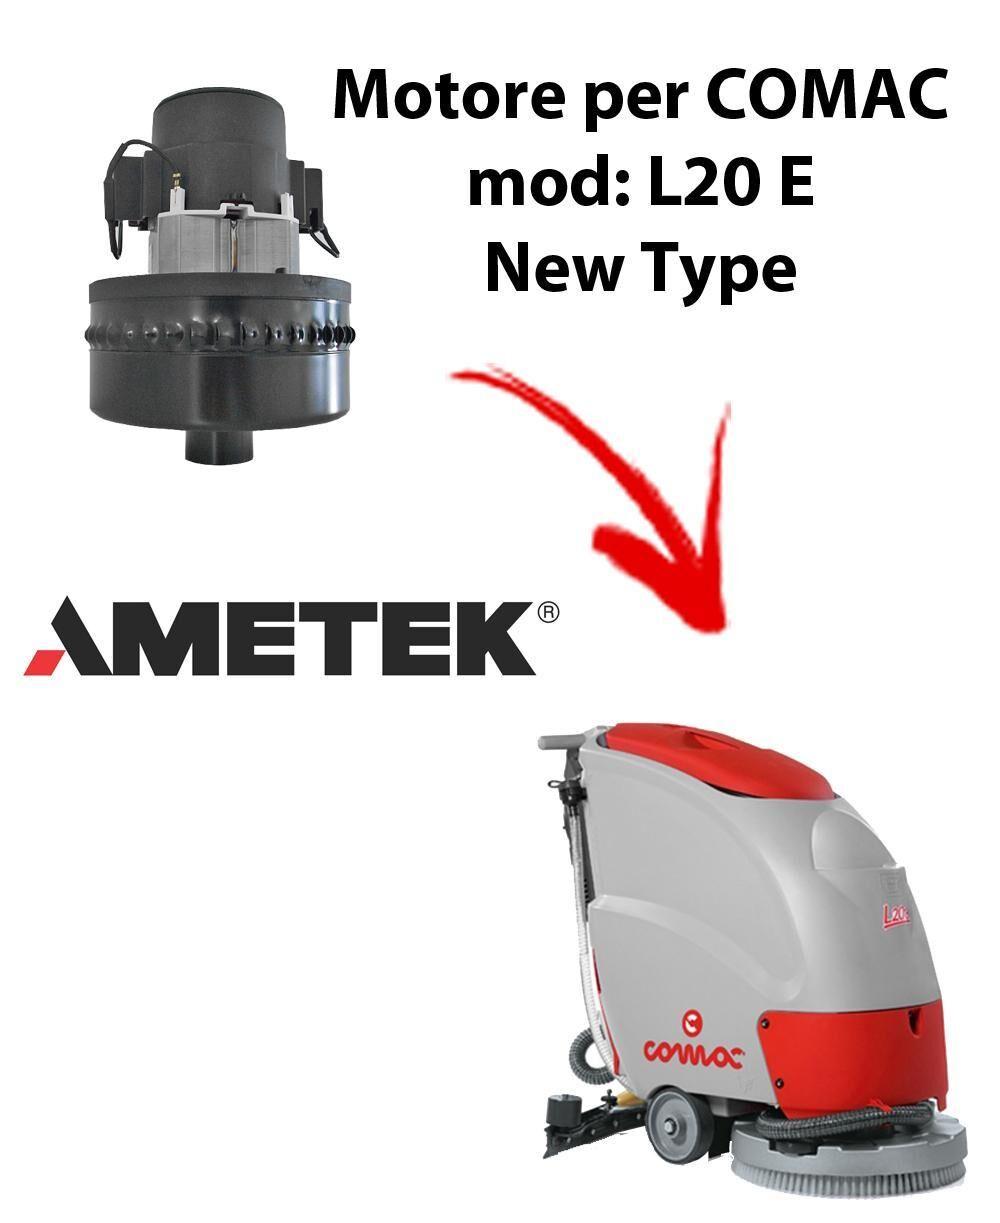 comac l20e new type motore ametek aspirazione lavapavimenti